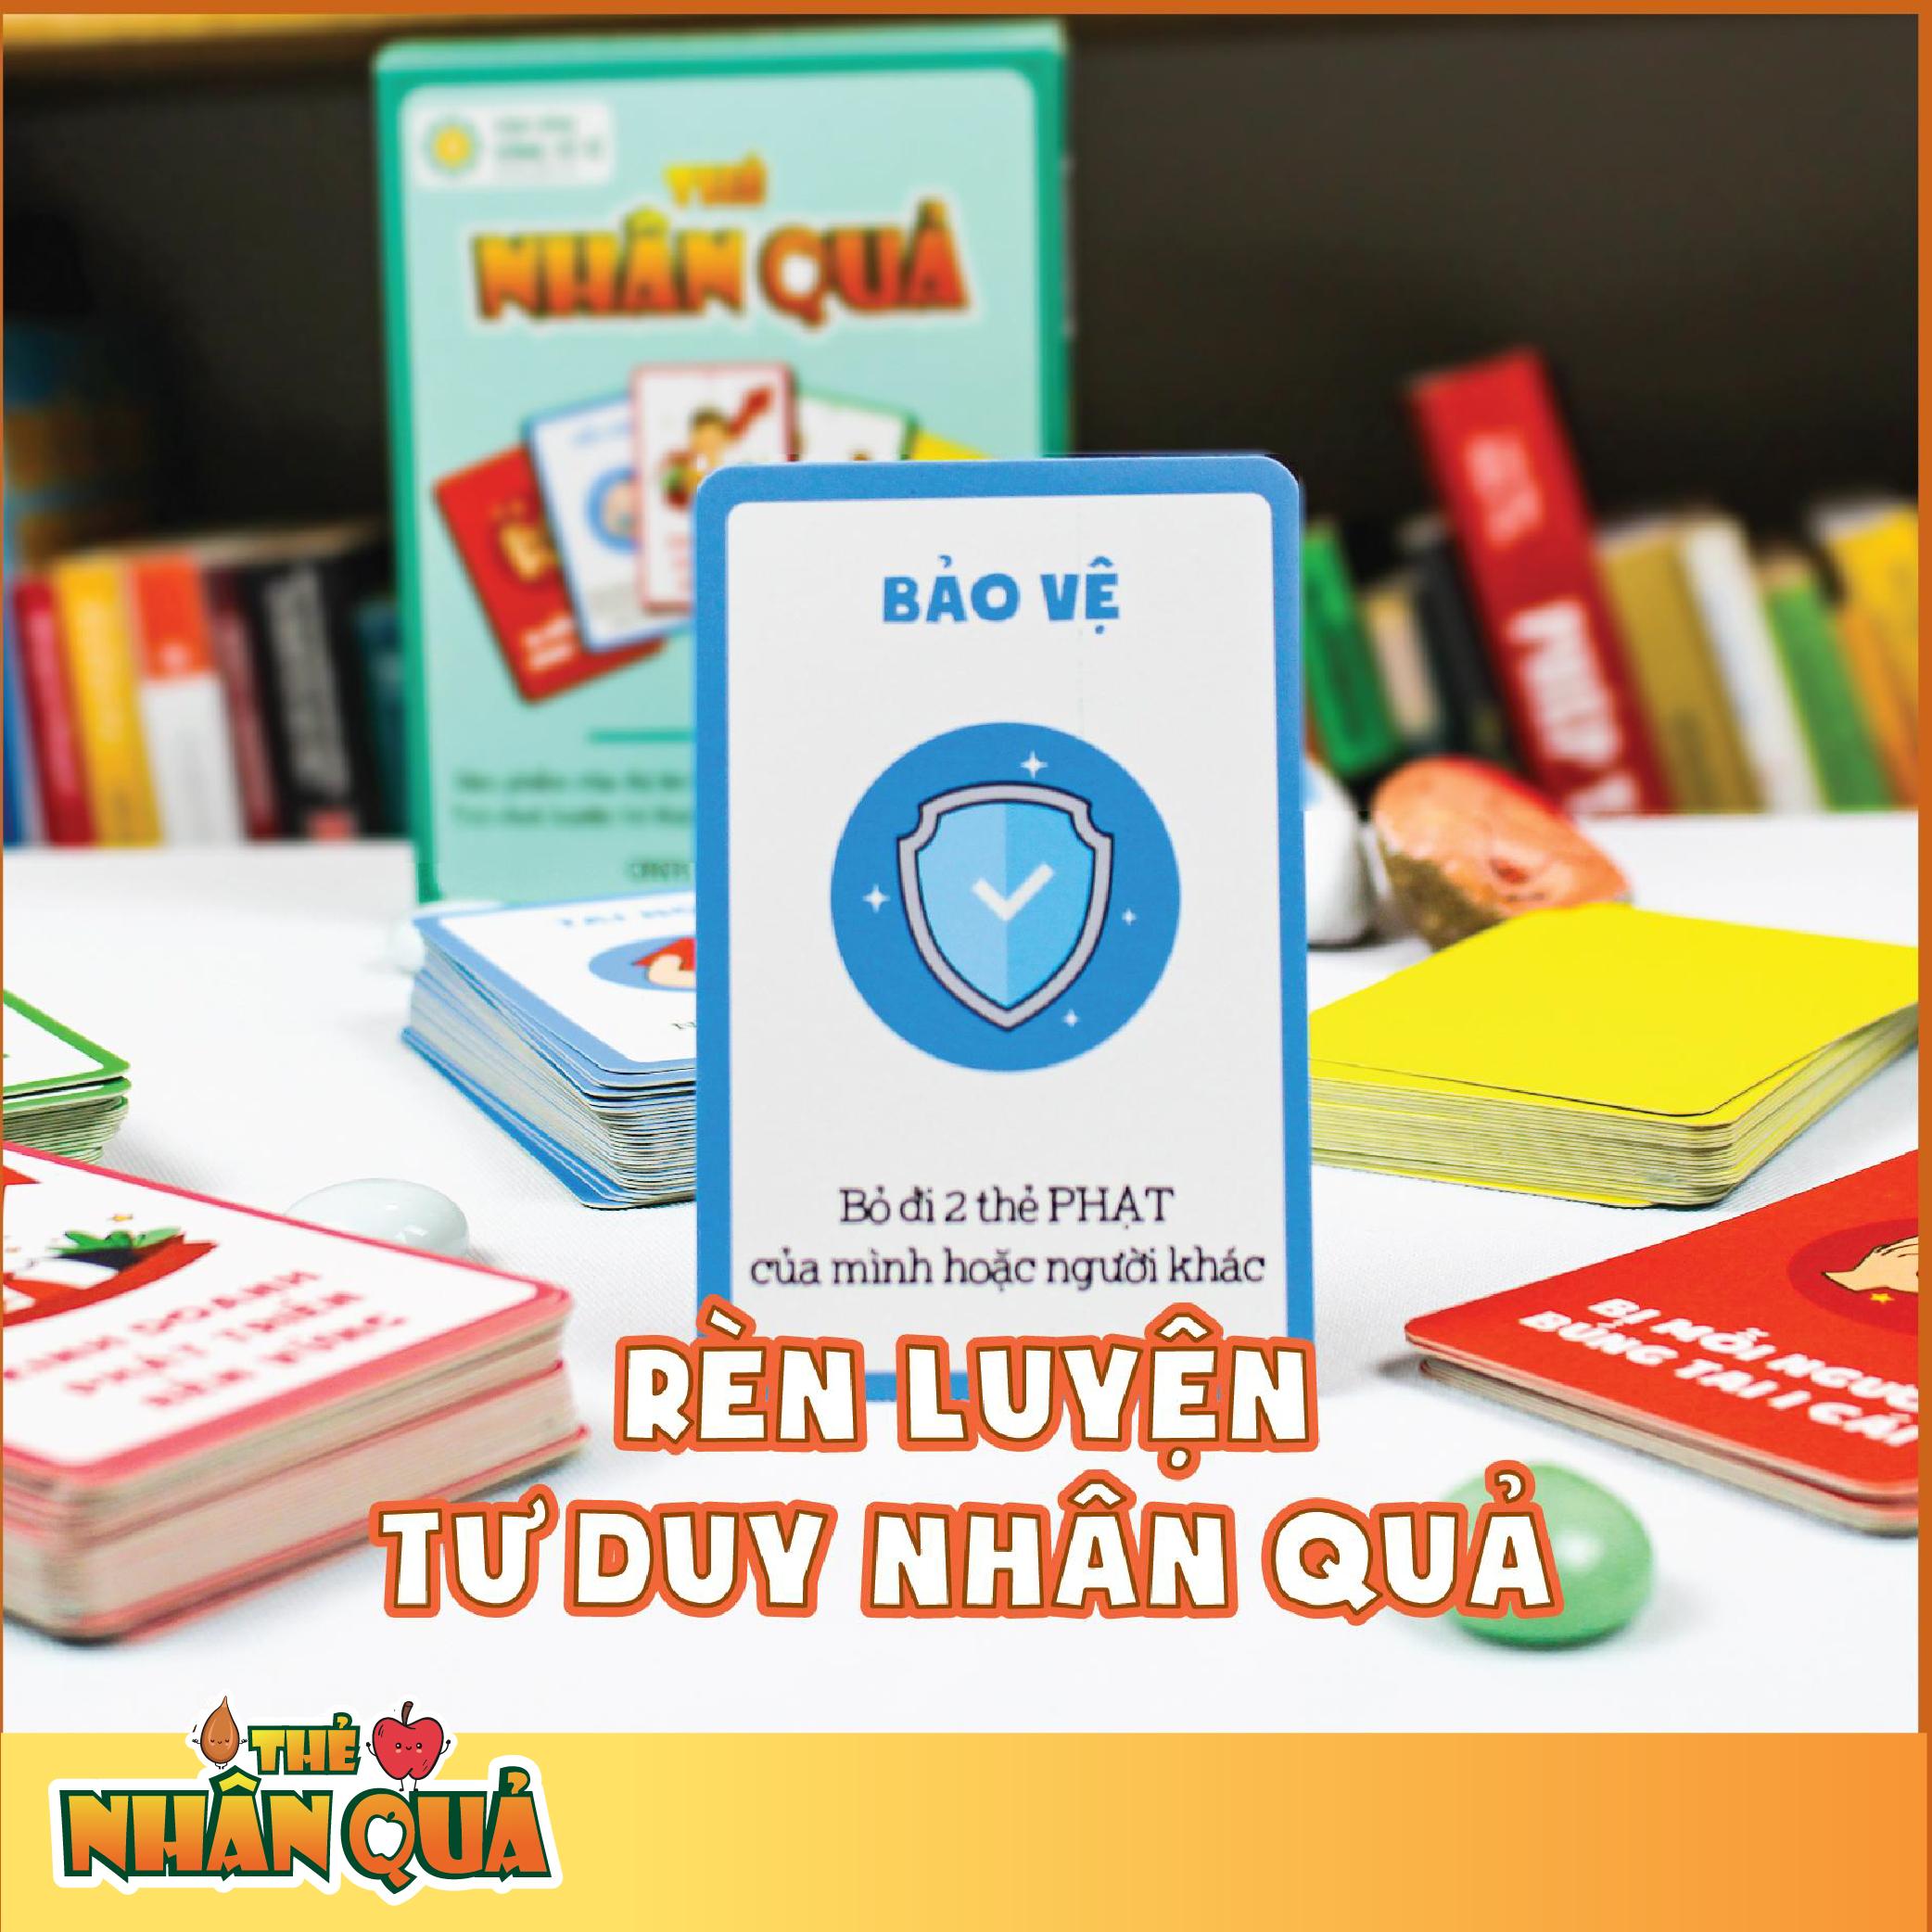 Bộ Thẻ Nhân Quả   Game Tư Duy Nhân Quả Số 1 Tại Việt Nam